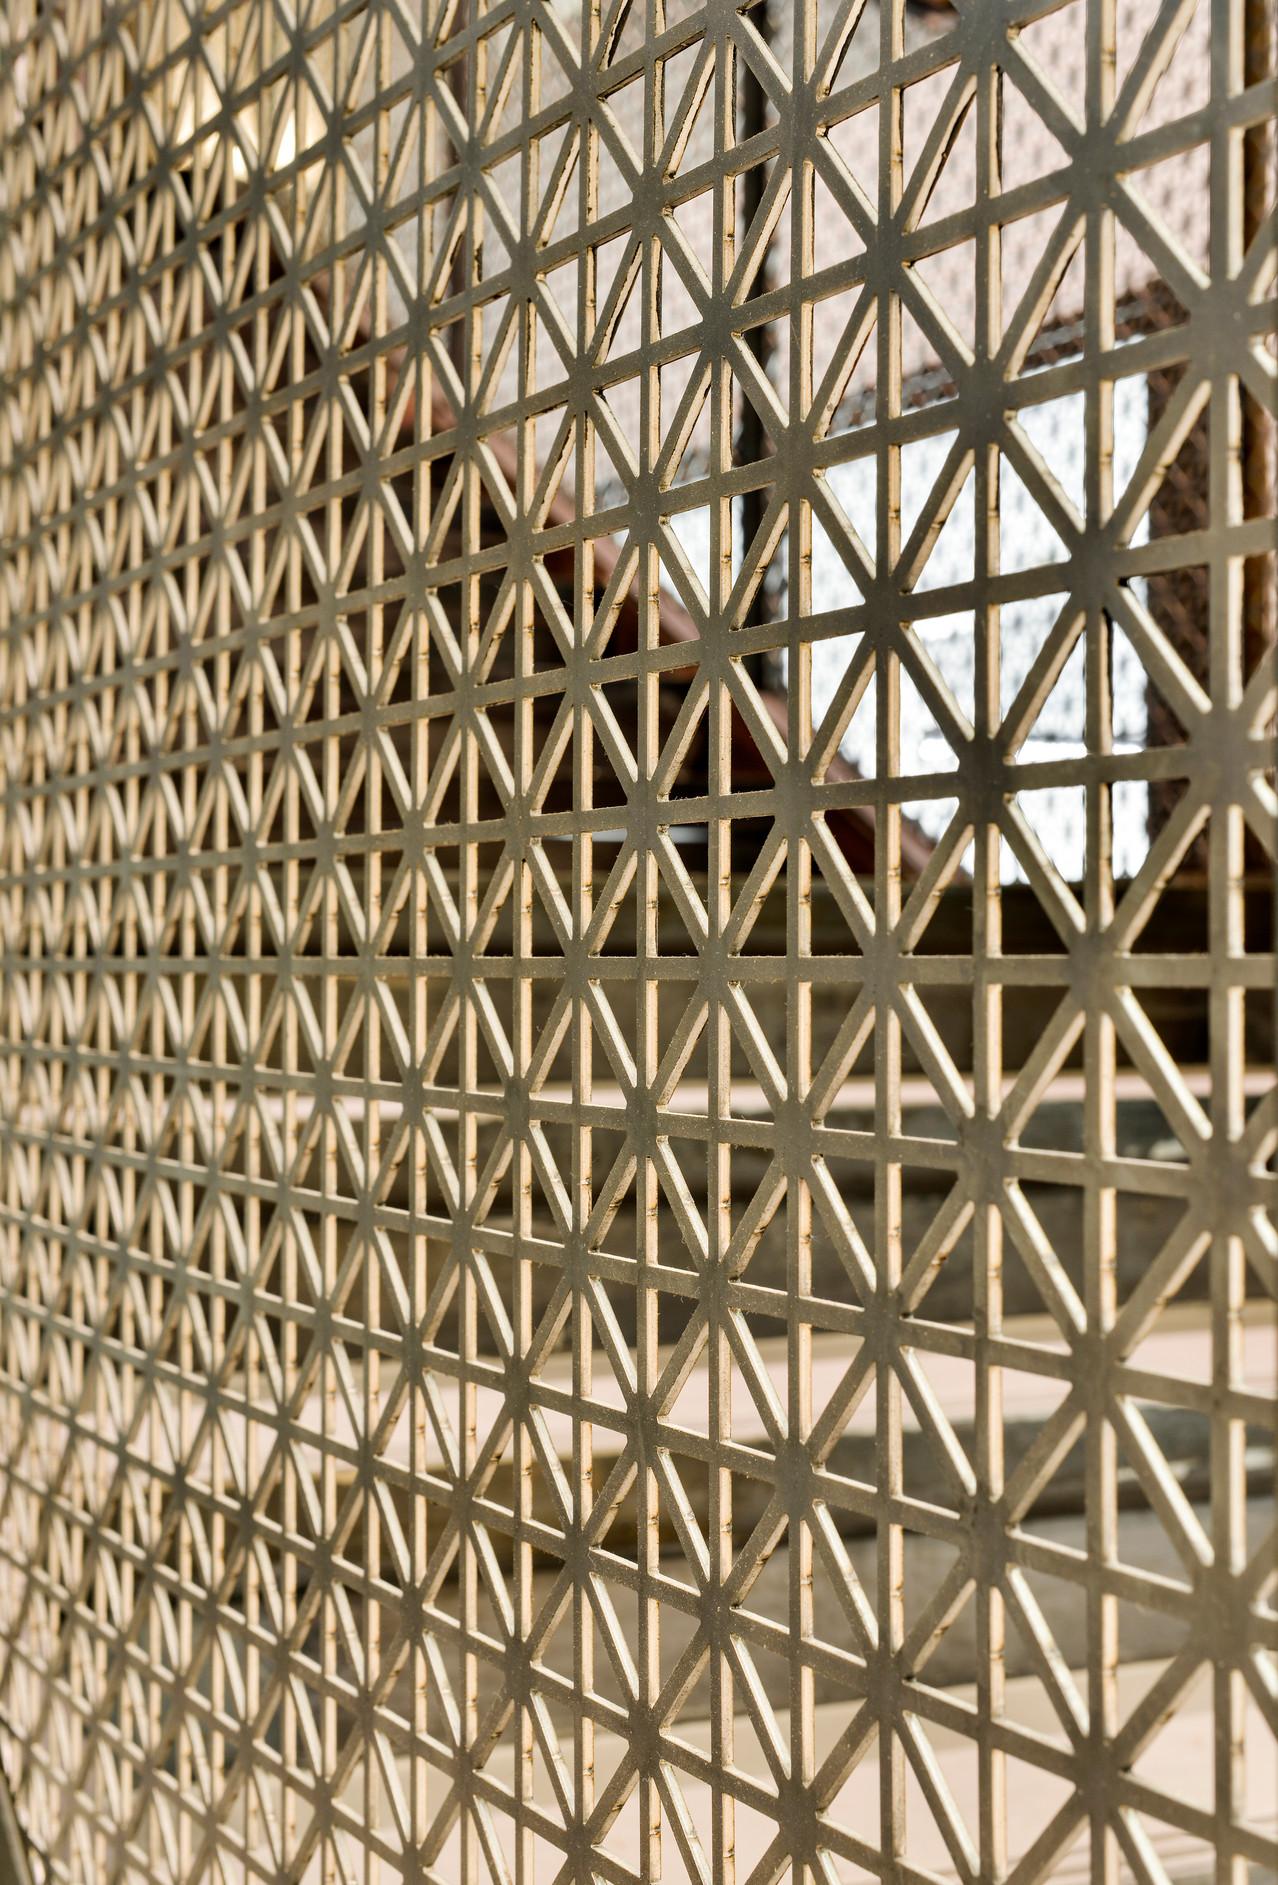 KTR_interior 43.jpg